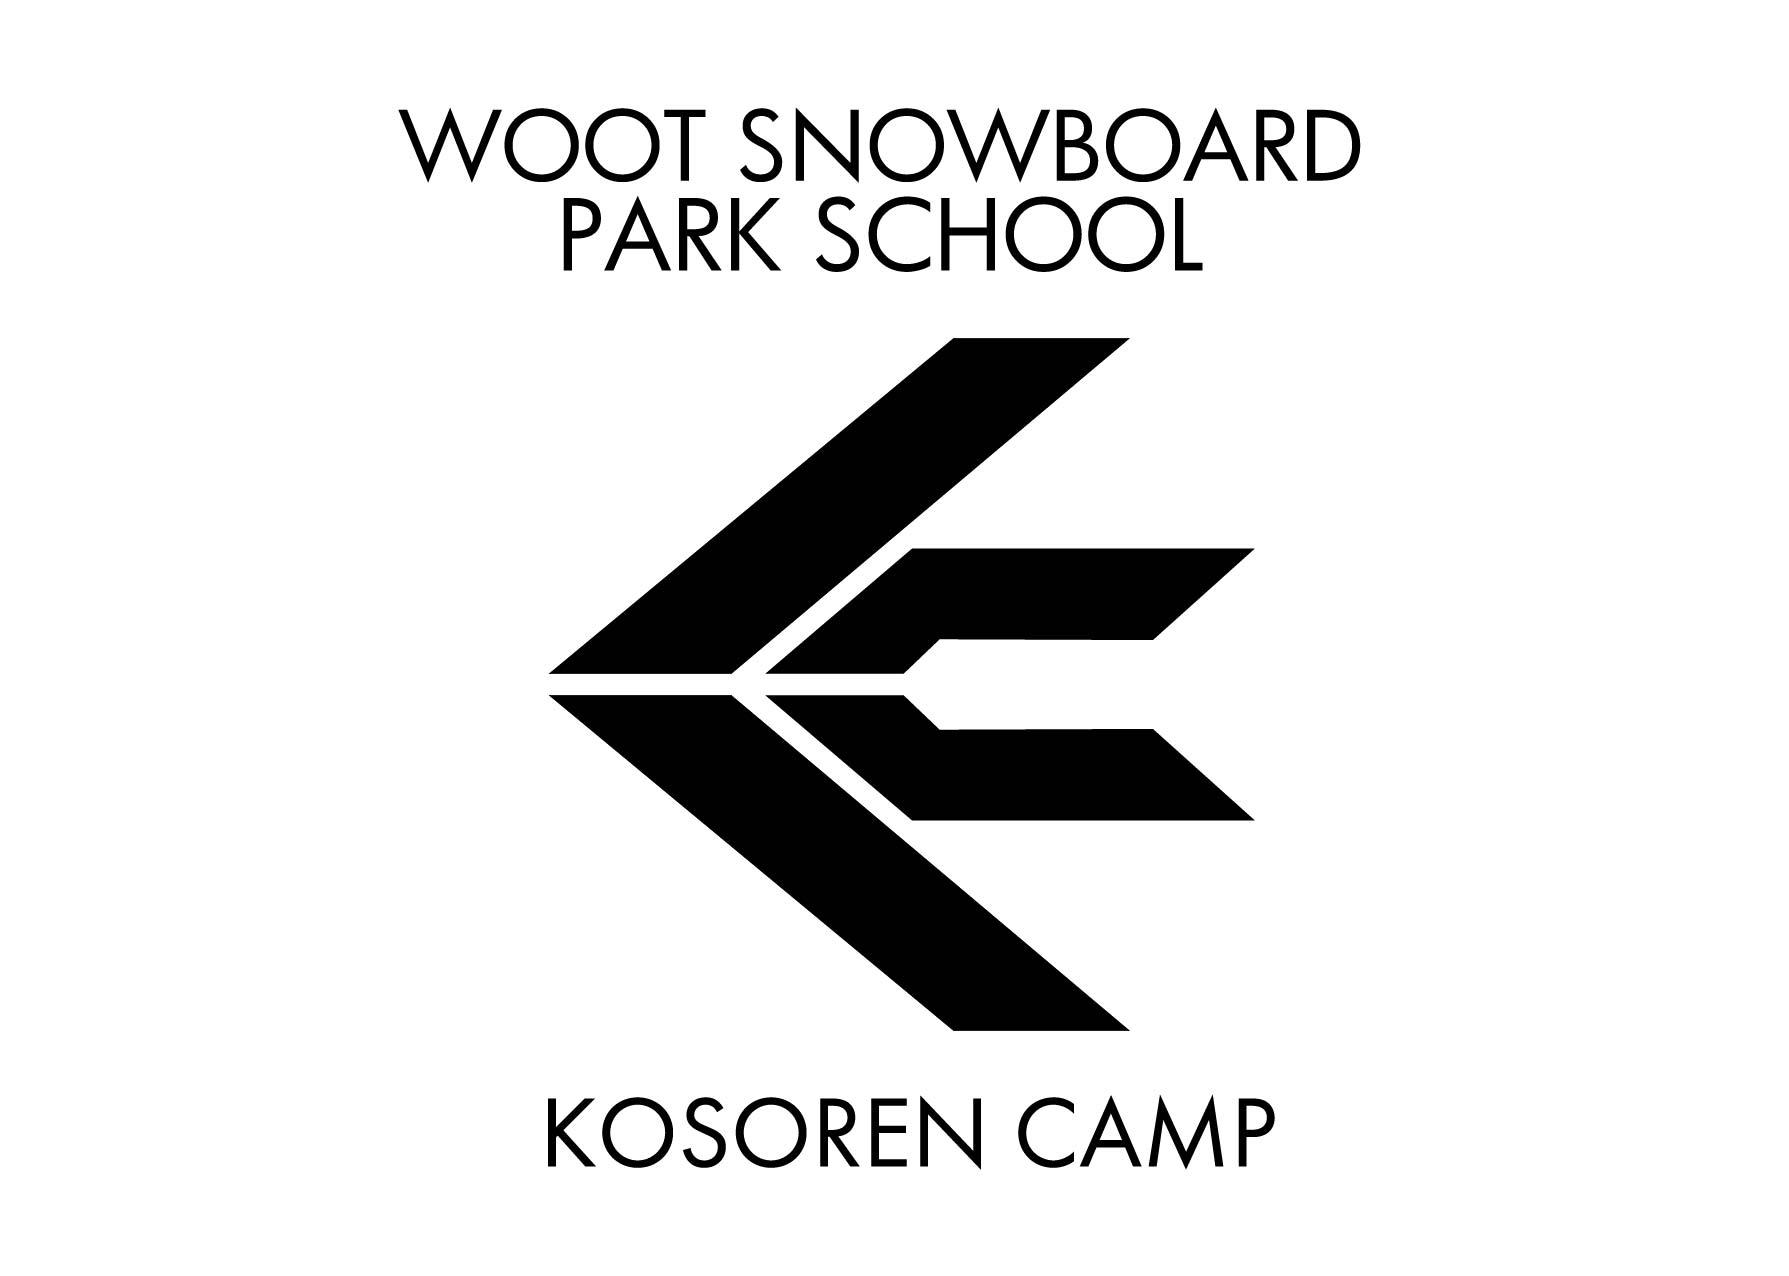 WOOT &コソ練CAMP オンラインショップ